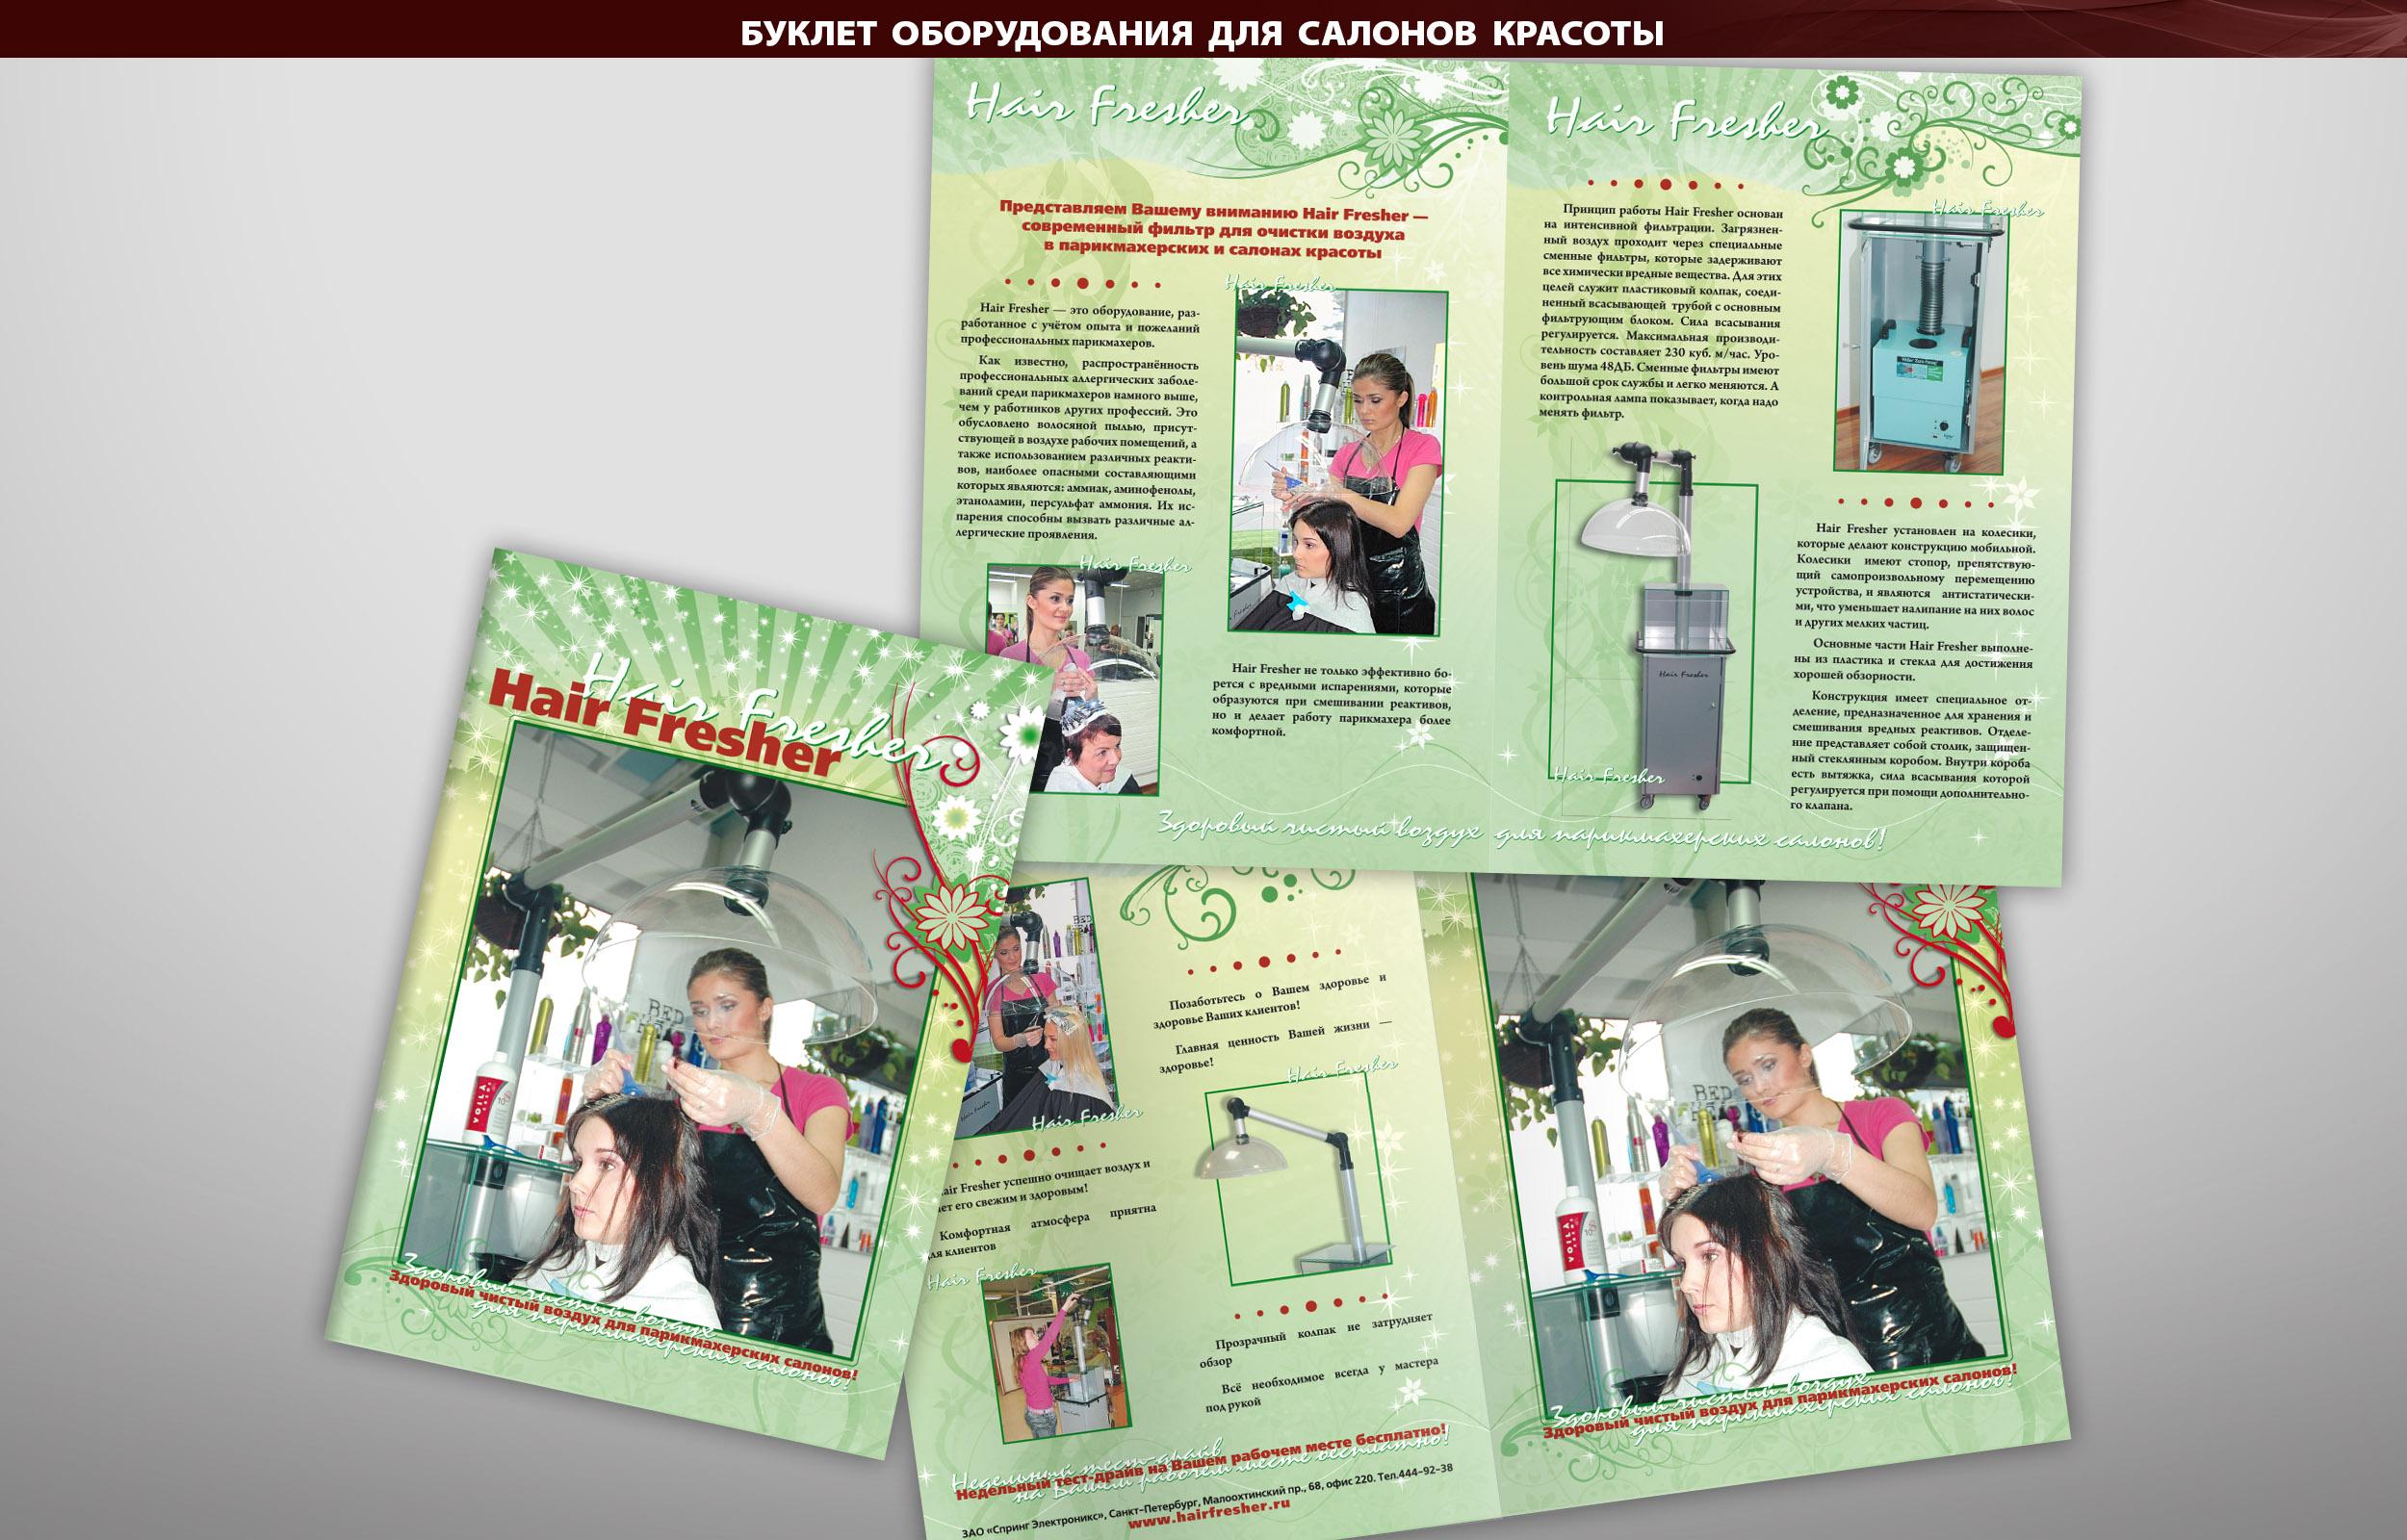 Буклет оборудования для салонов красоты